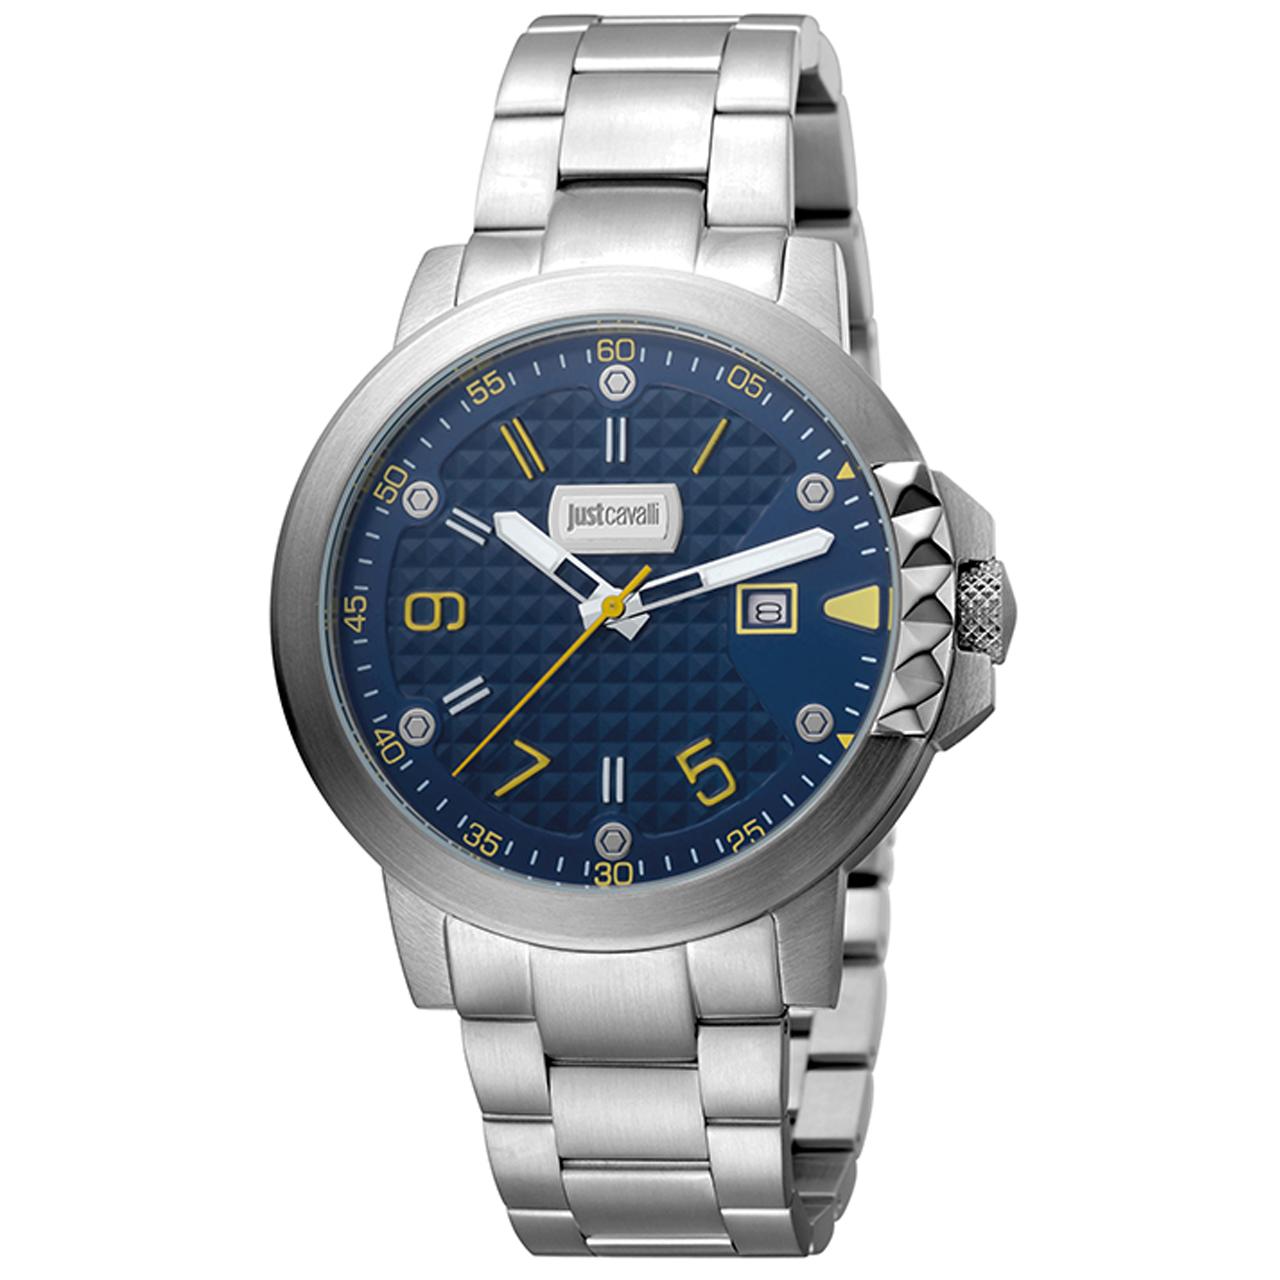 ساعت مچی عقربه ای مردانه جاست کاوالی مدل JC1G016M0075